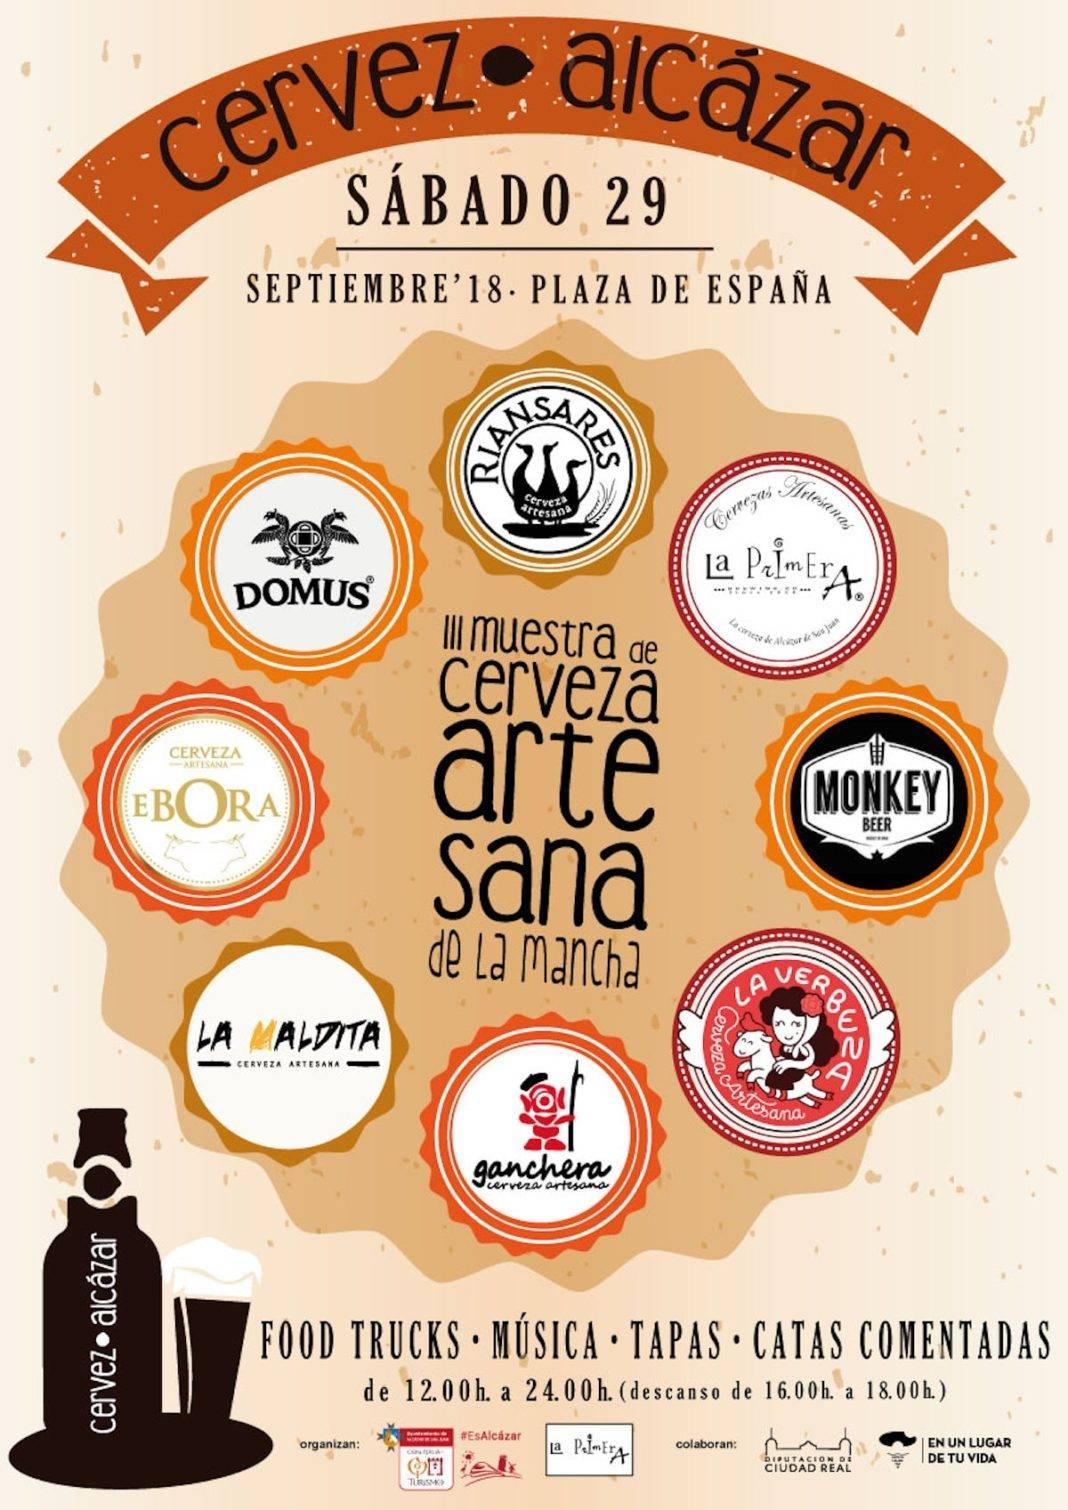 cartel de cervealcazar 2018 1068x1510 - Herencia estará presente en la III Muestra de Cerveza Artesana de La Mancha Cervezalcazar